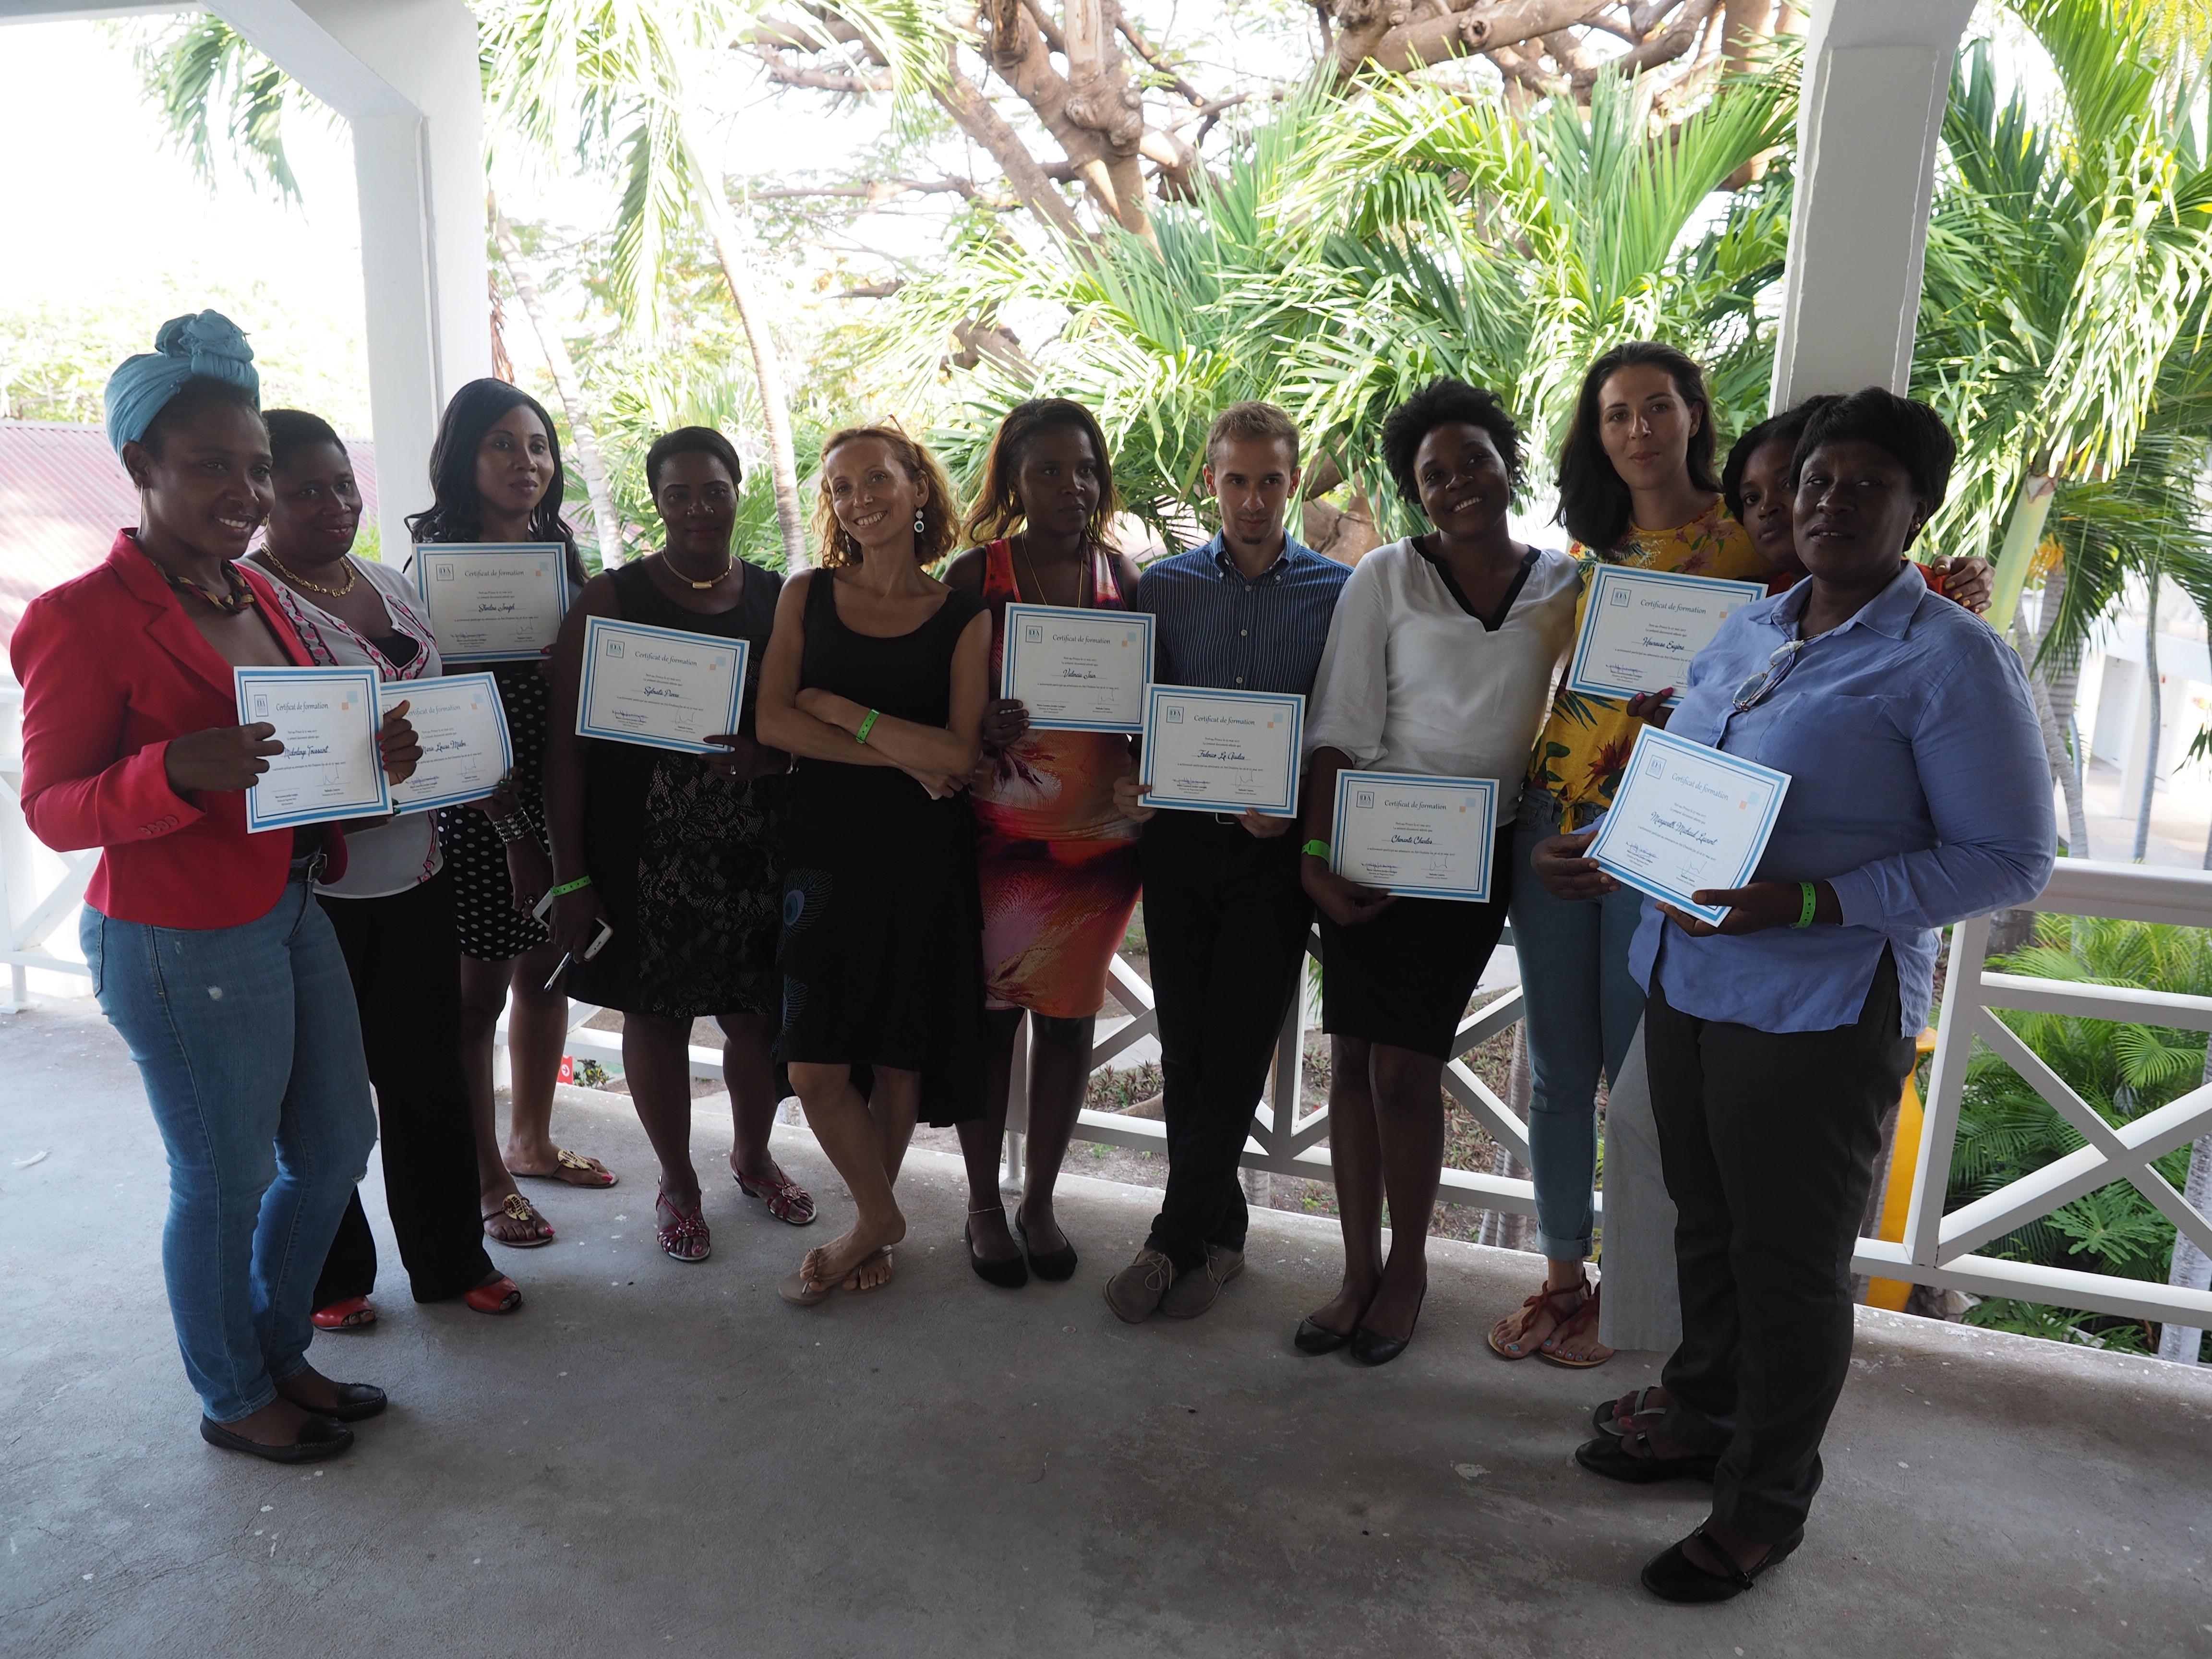 Nathalie Castera, Profesora de Oratoria y las participantes en el seminario de capacitación